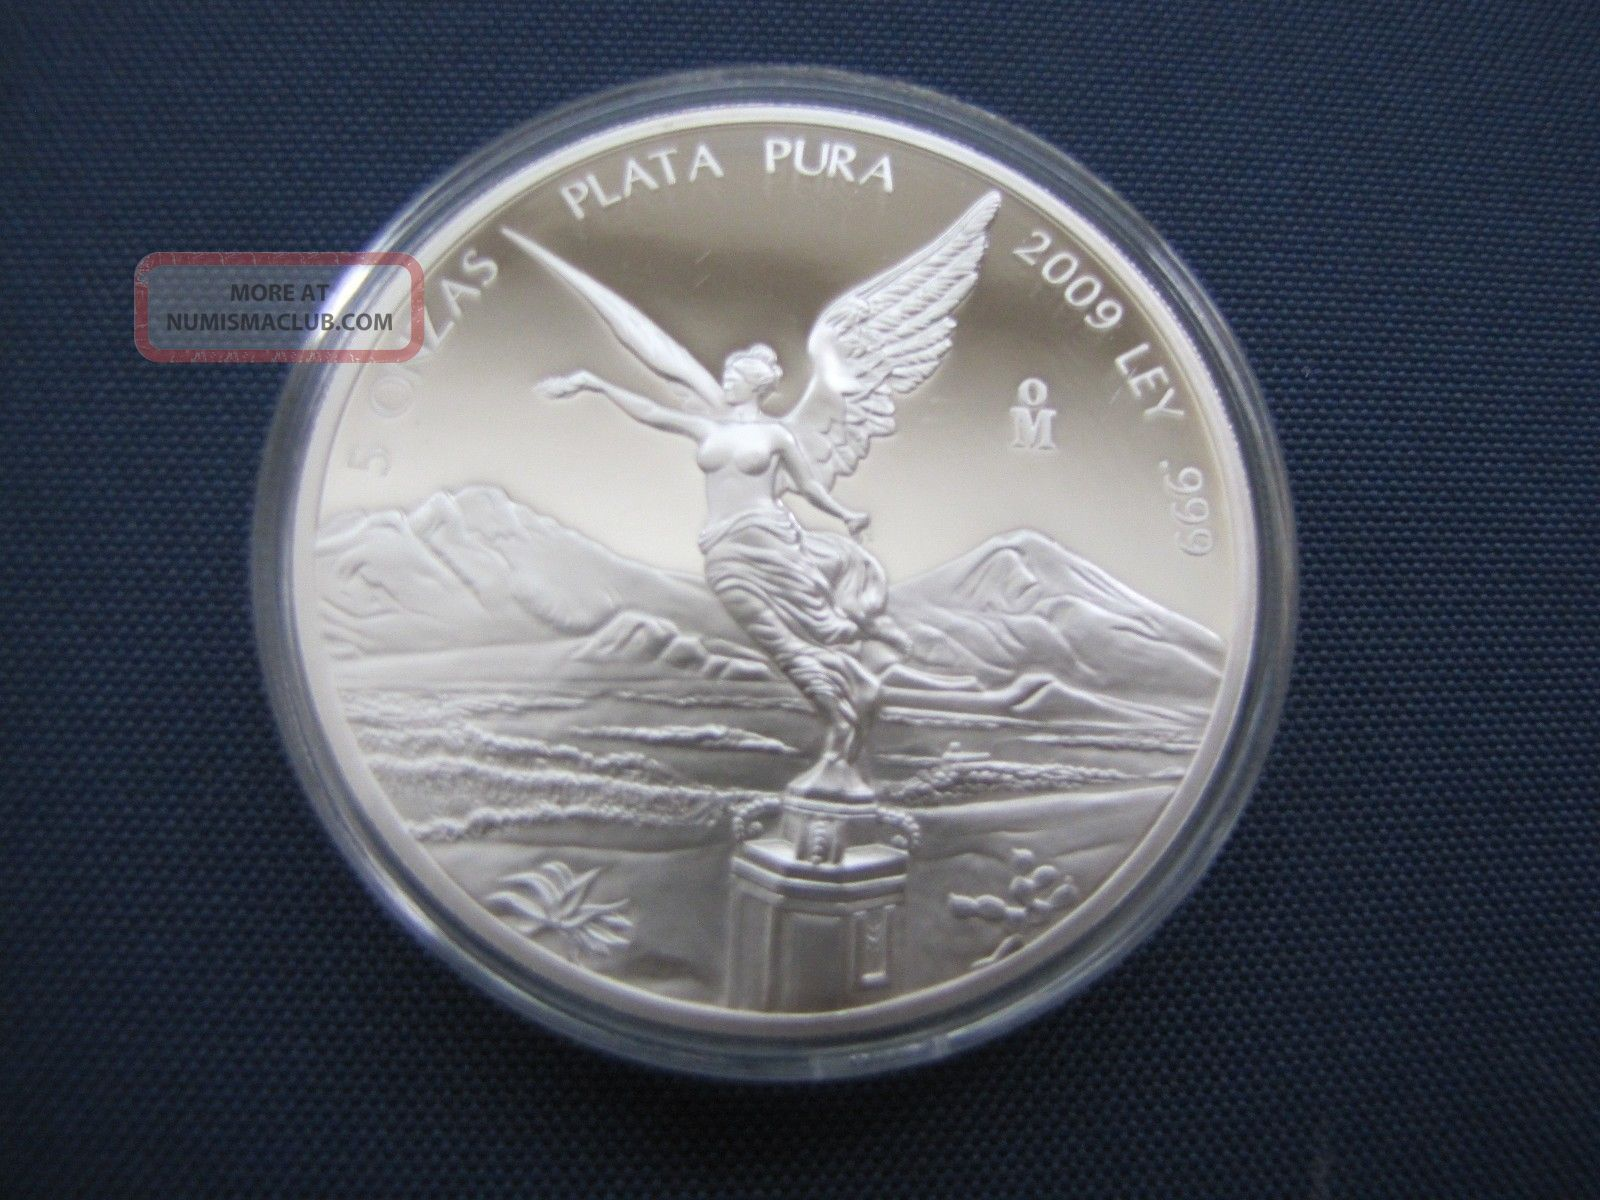 Libertad 2 oz .999 fine silver Proof Mexico 2009